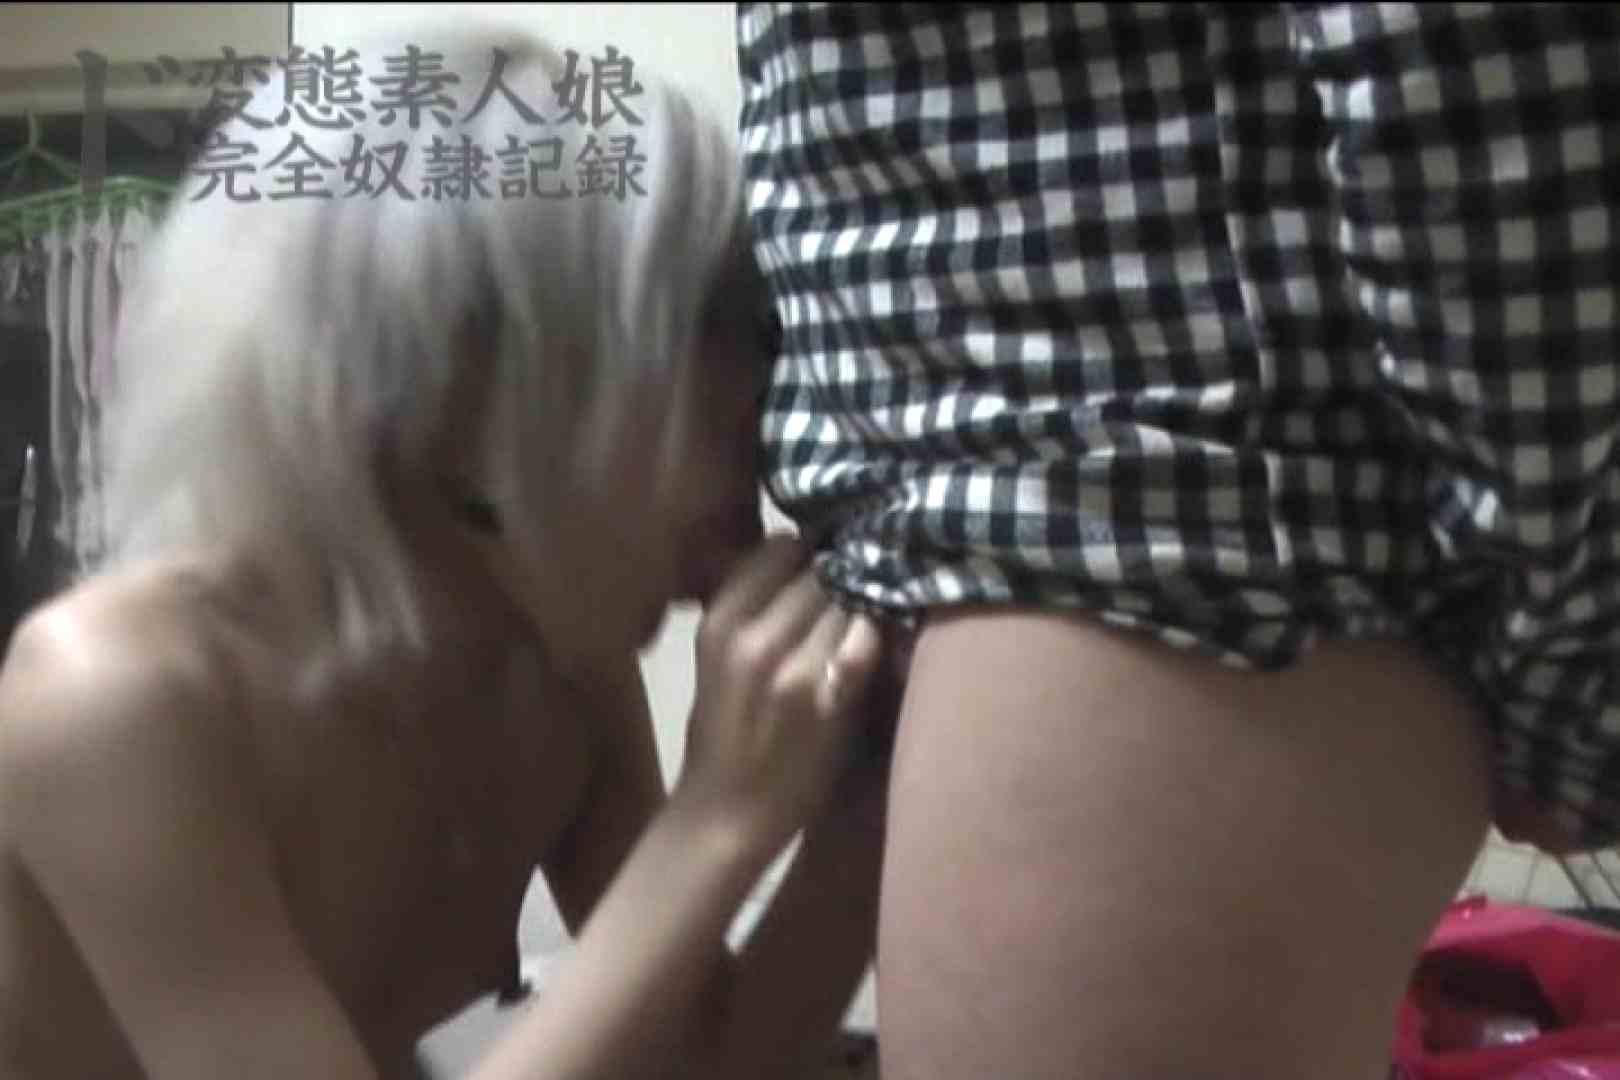 ド変態素人嬢完全奴隷記録 ~其の拾~ 素人流出 AV動画キャプチャ 96PIX 30